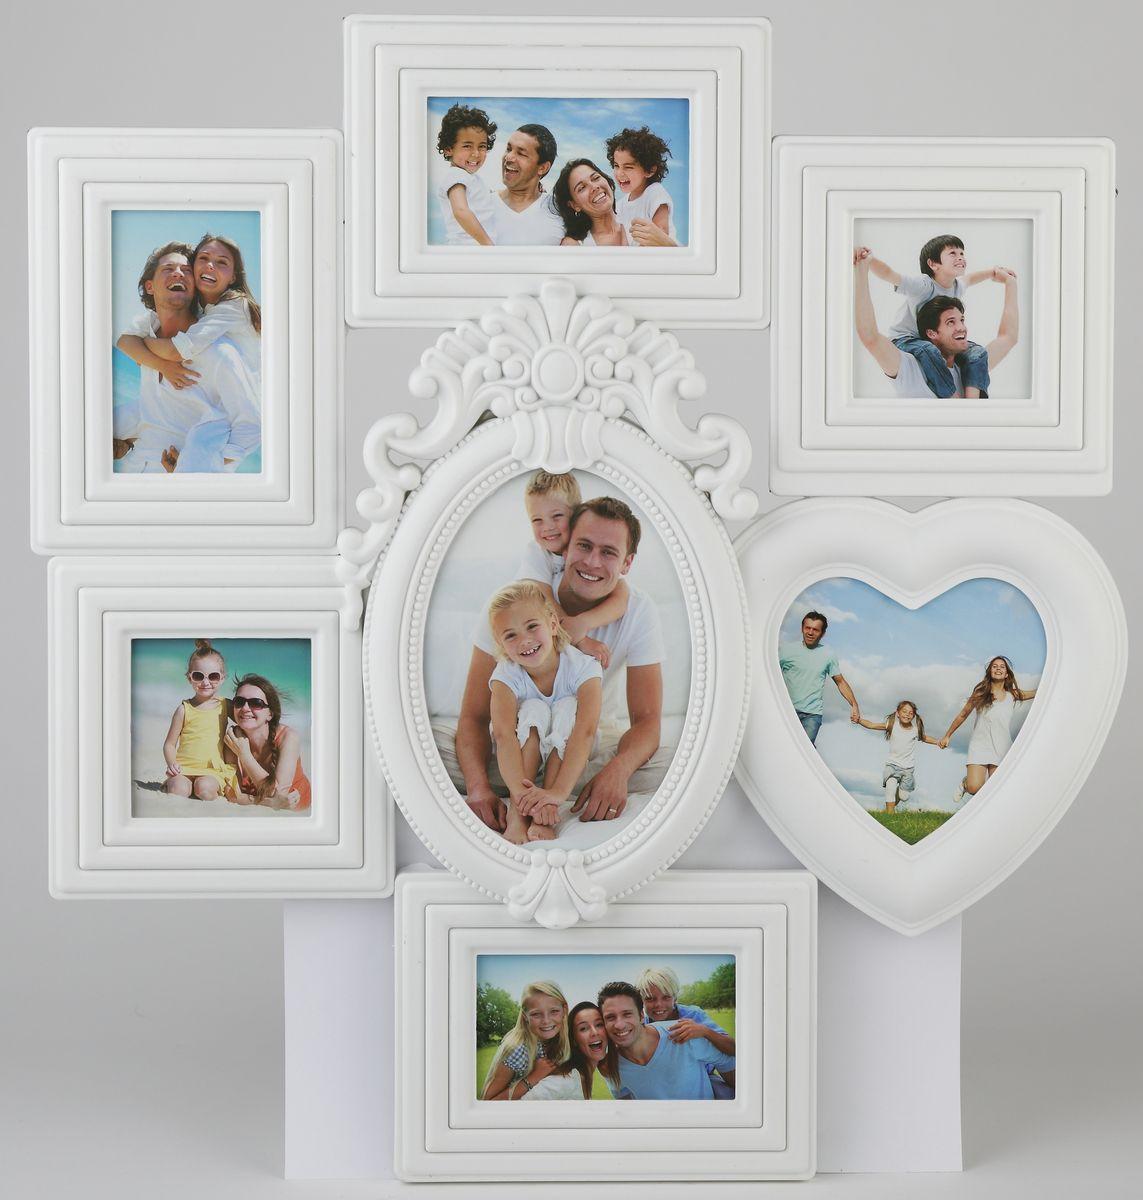 Фоторамка Image Art, для 7 фотографий, 51 х 47 смImage Art PL36-7Фоторамка-коллаж Image Art - прекрасный способ красиво оформить ваши фотографии. Фоторамка выполнена из пластика и защищена стеклом, предназначена для семи фотографий с вертикальным и горизонтальным расположением. Фоторамка подвешивается на стену, для чего с задней стороны предусмотрены специальные петельки. Такая фоторамка поможет сохранить на память самые яркие моменты вашей жизни, а стильный дизайн сделает ее прекрасным дополнением интерьера комнаты. Общий размер фоторамки: 51 х 47 см.